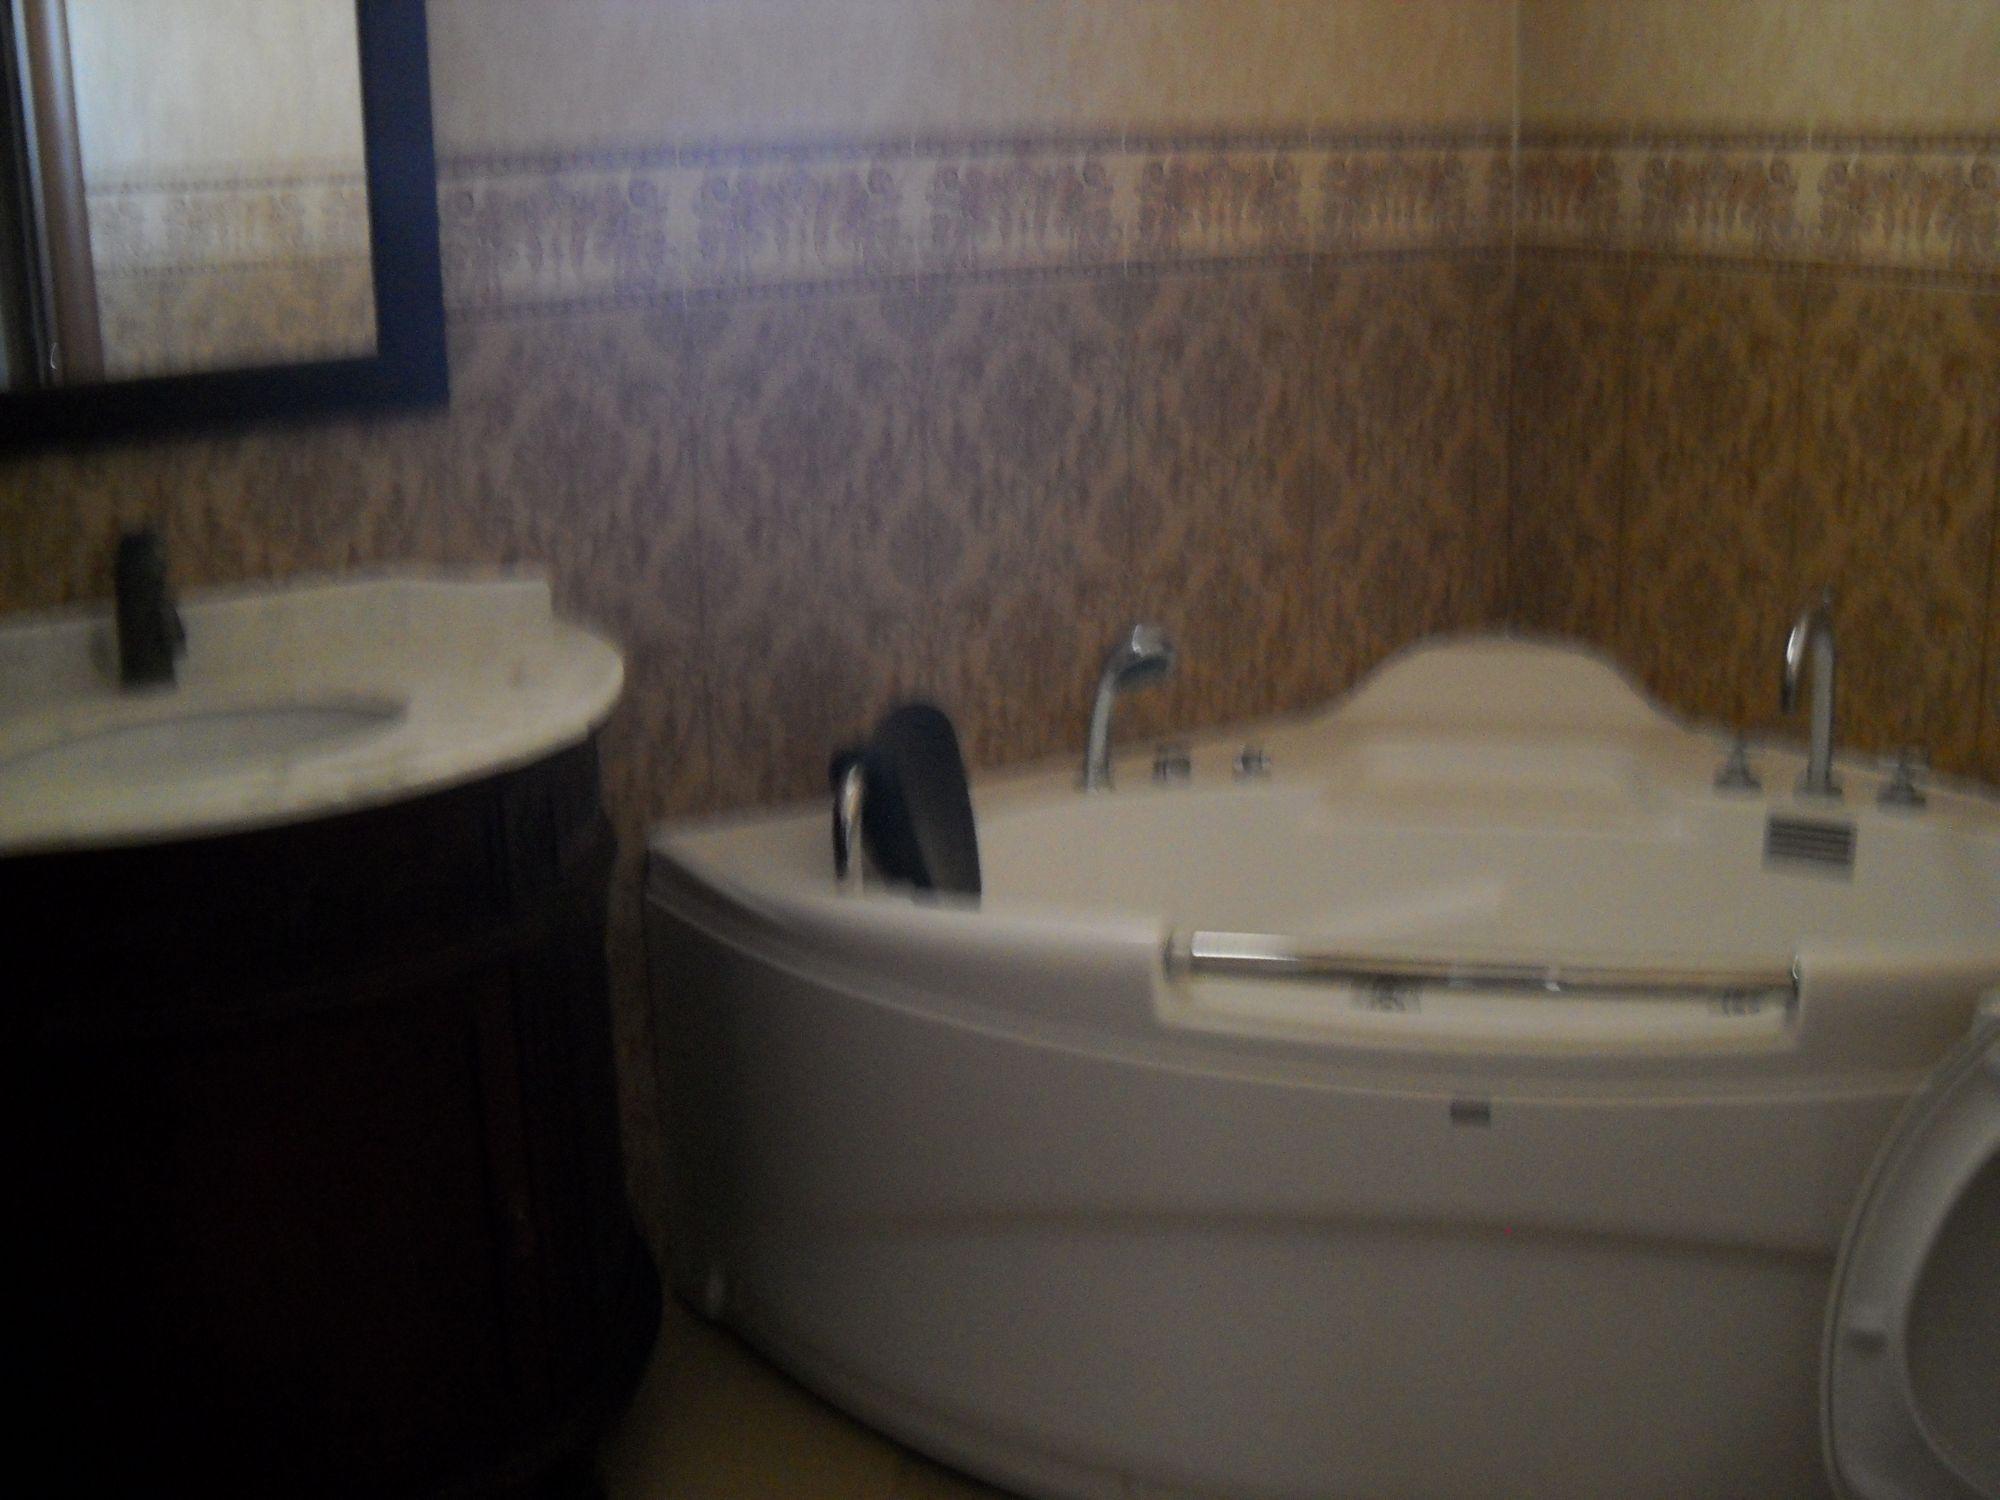 appt c t carrefour meubl s 2 1200dmois tel location appartement cit afh. Black Bedroom Furniture Sets. Home Design Ideas